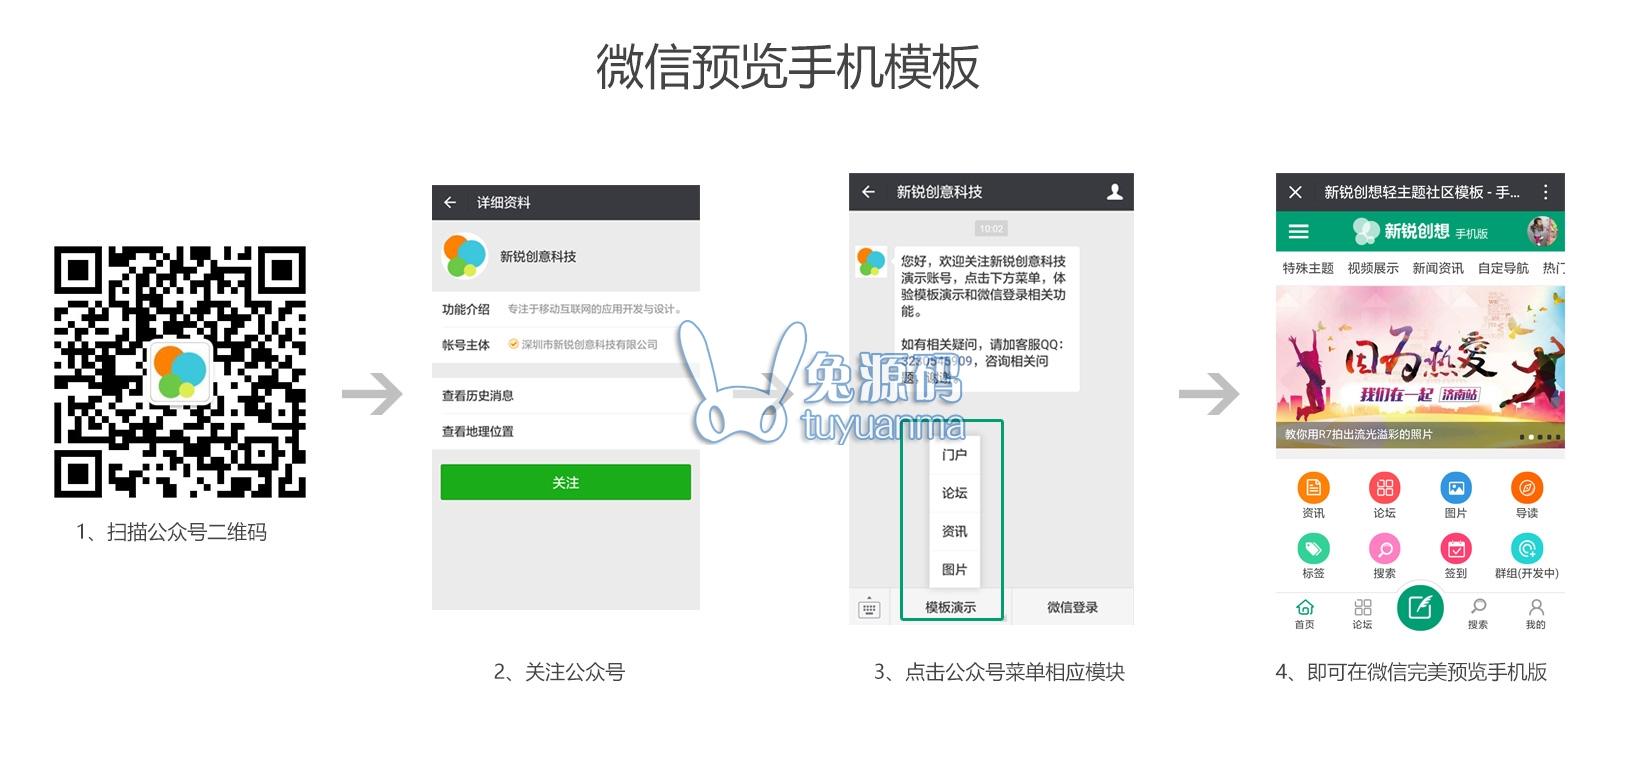 轻主题同步手机版 GBK_V1.2 价值398元